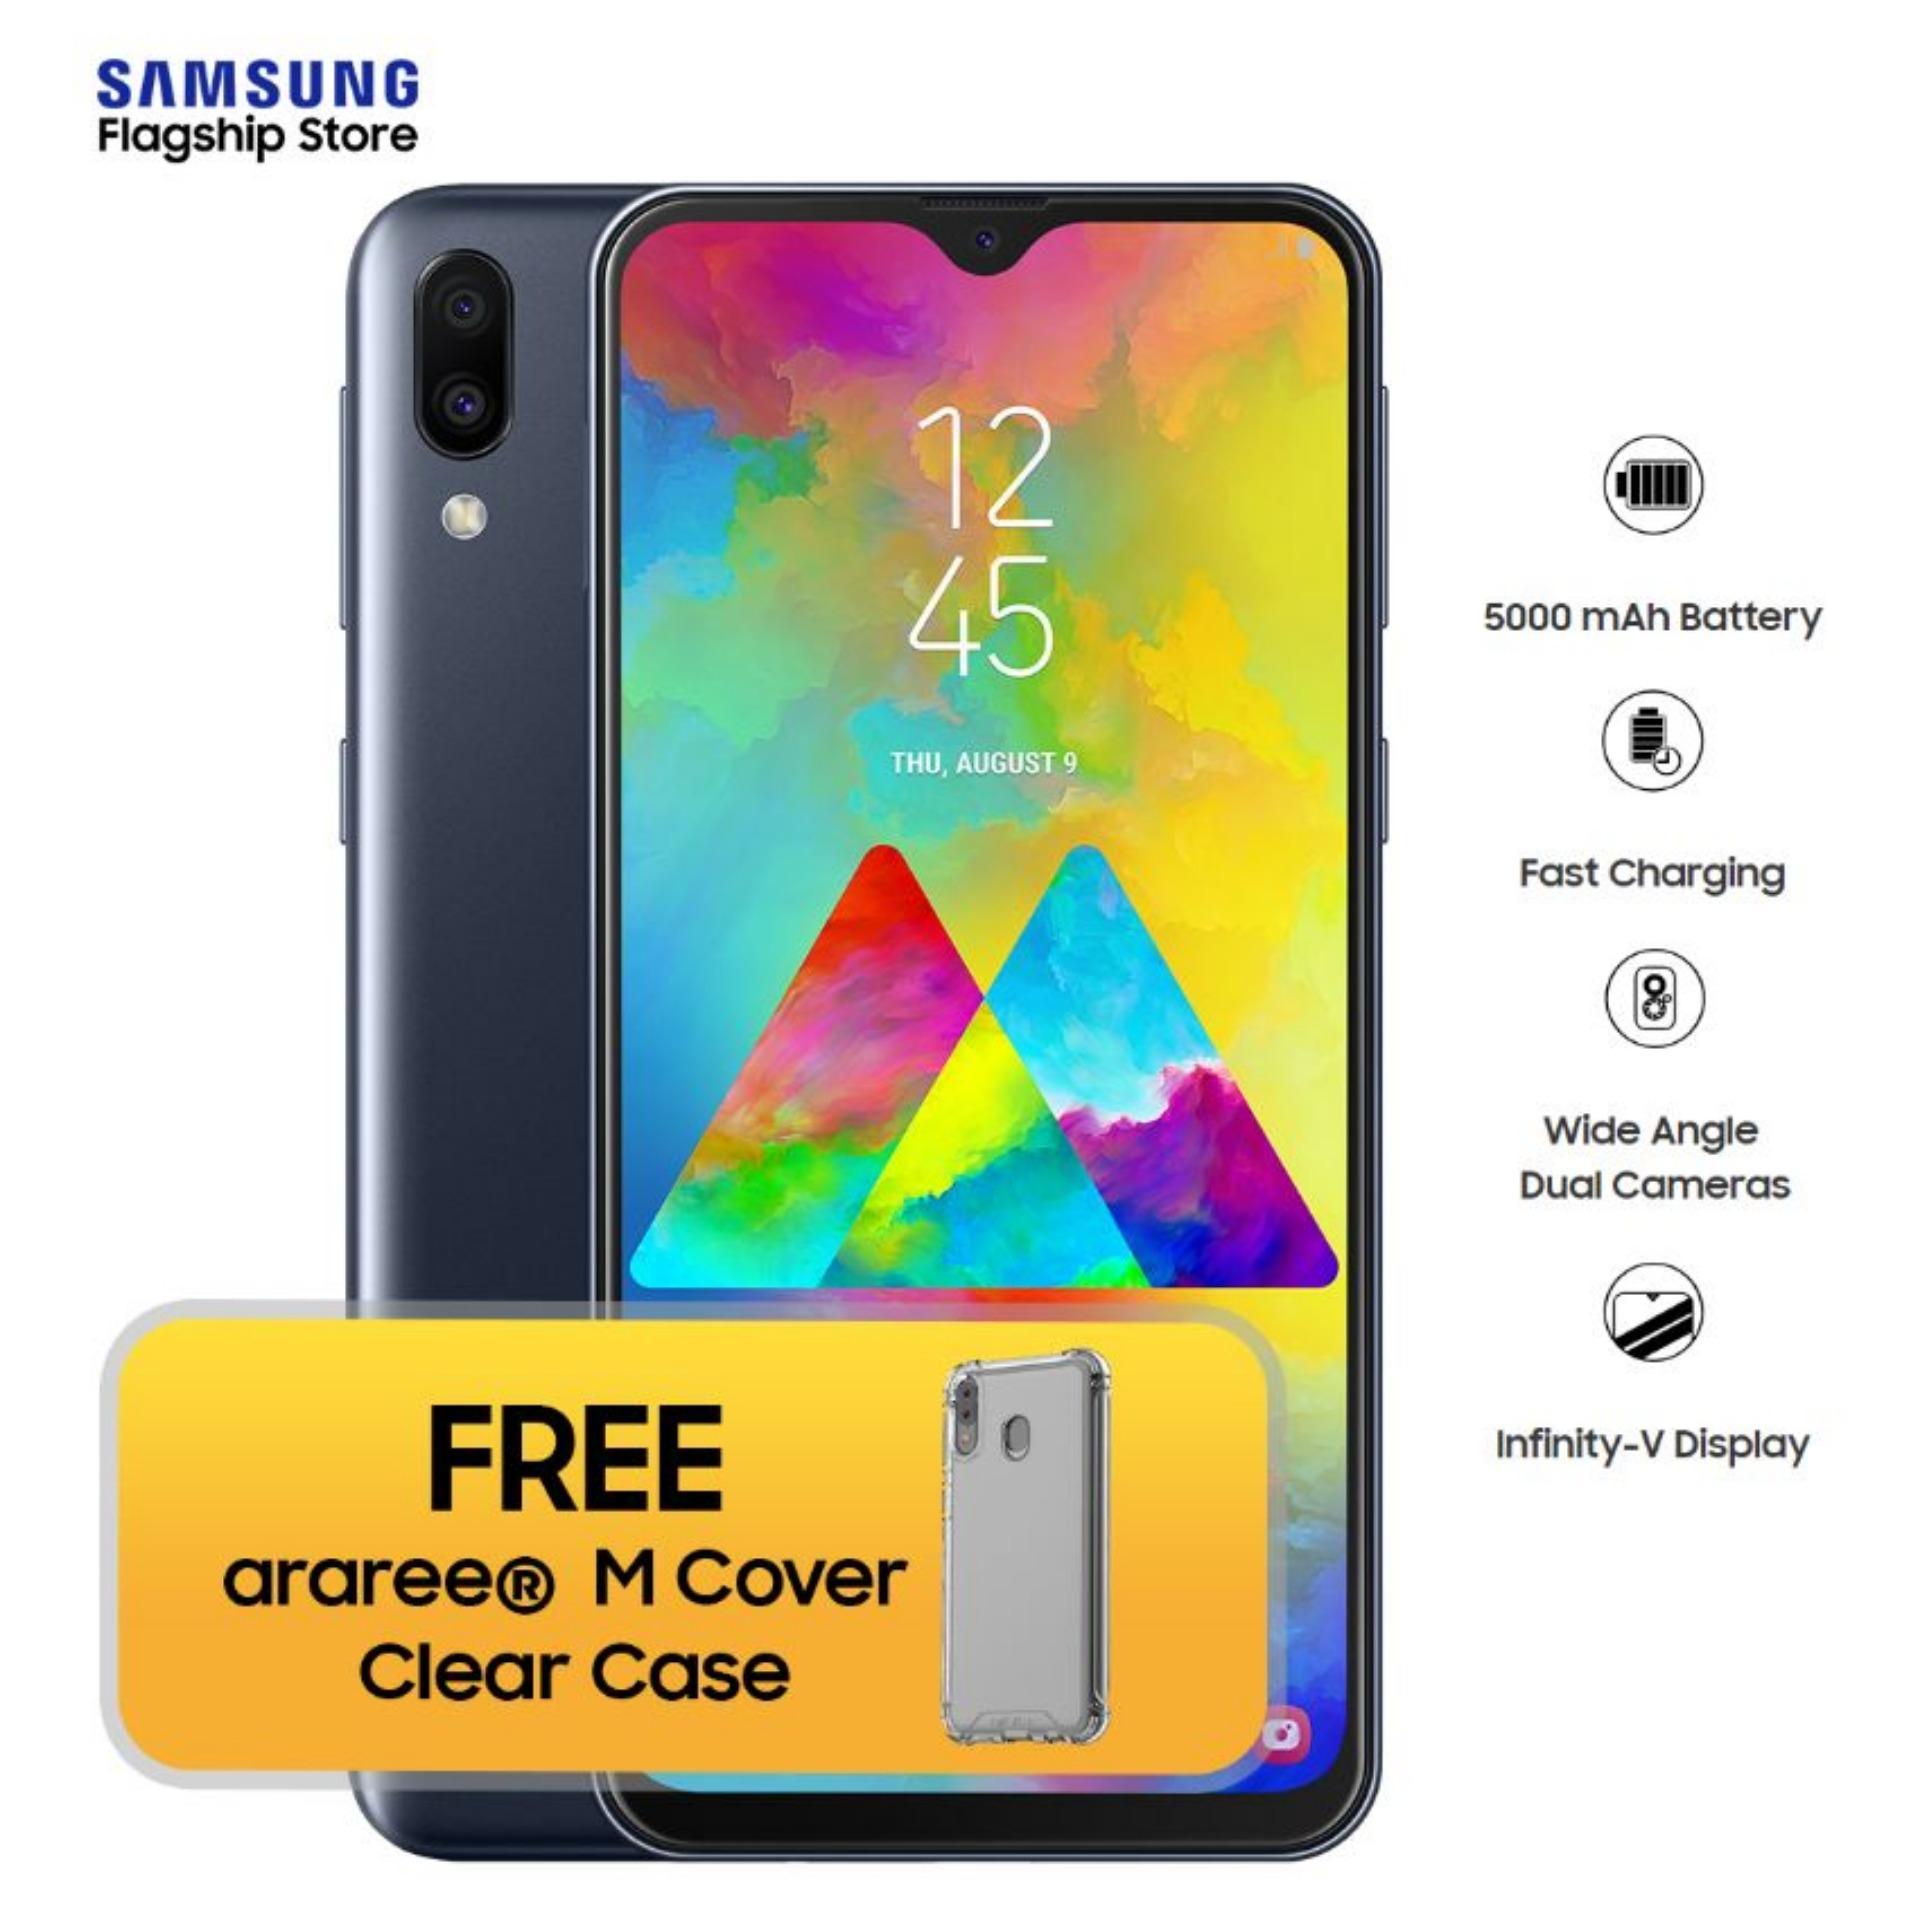 ec3729e8573 Samsung Galaxy M20 3GB 32GB - 6.3